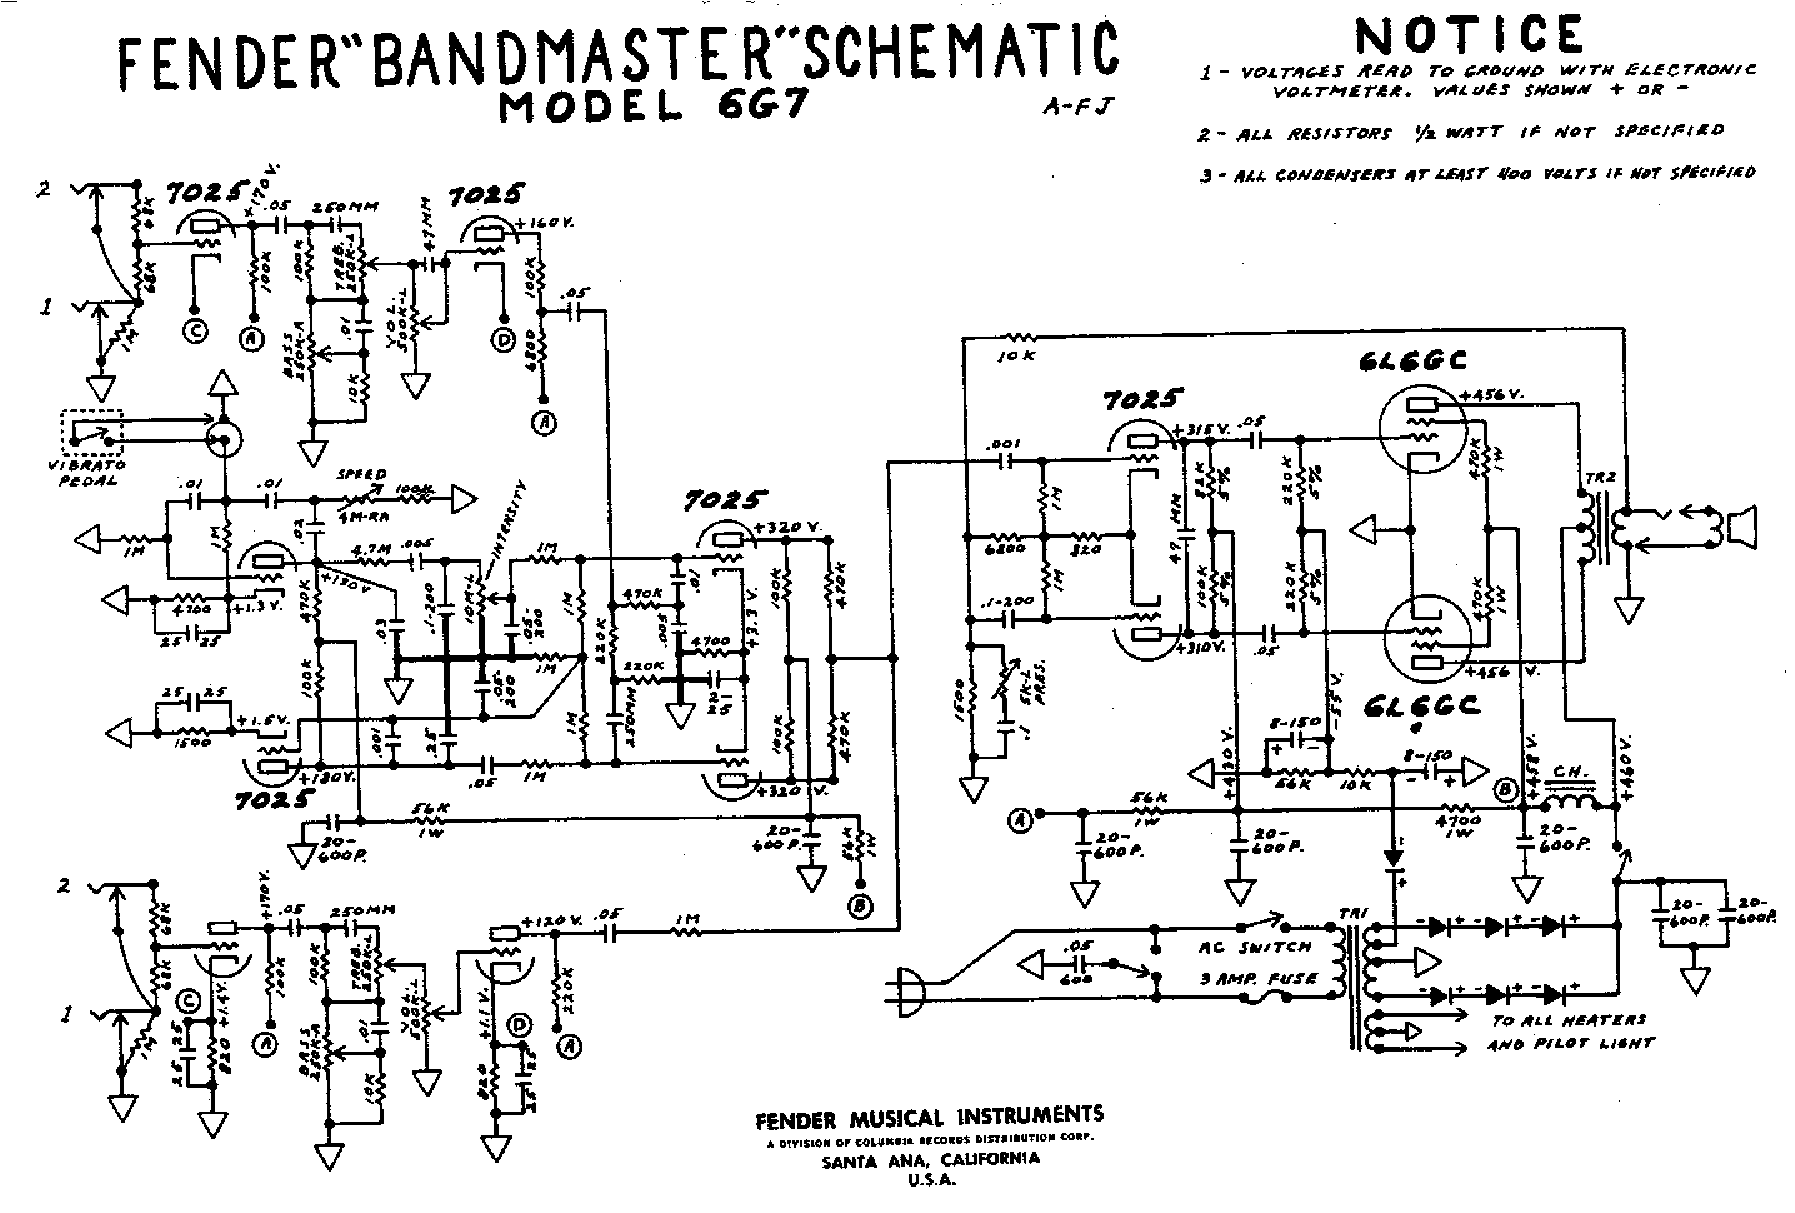 FENDER CHAMP 25 SE SCH Service Manual download, schematics, eeprom on